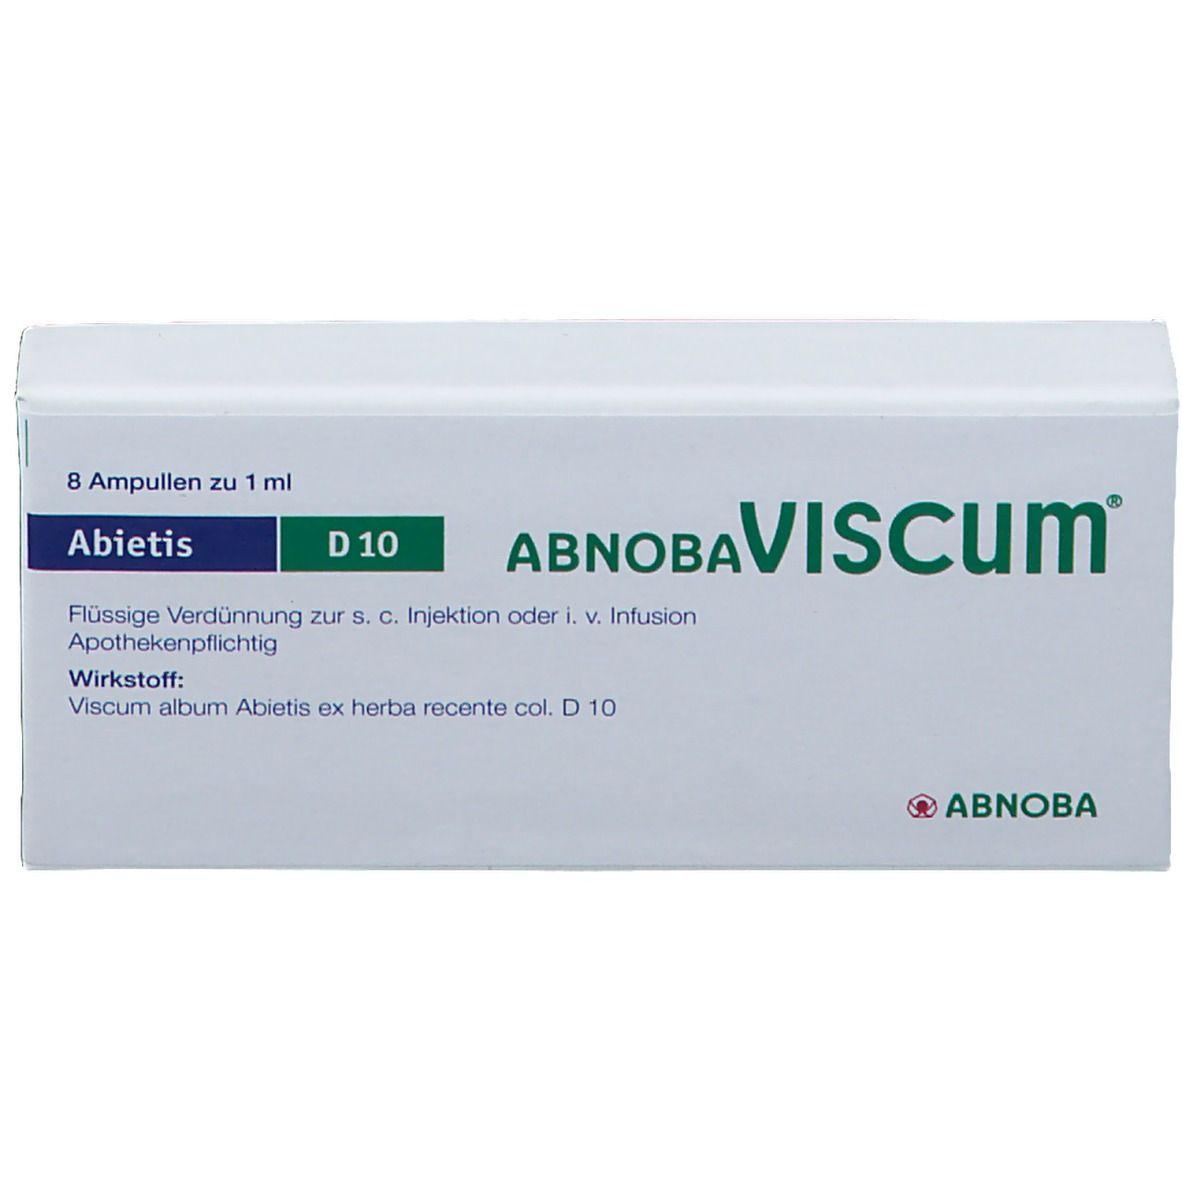 Abnobaviscum Abietis D 10 Amp.